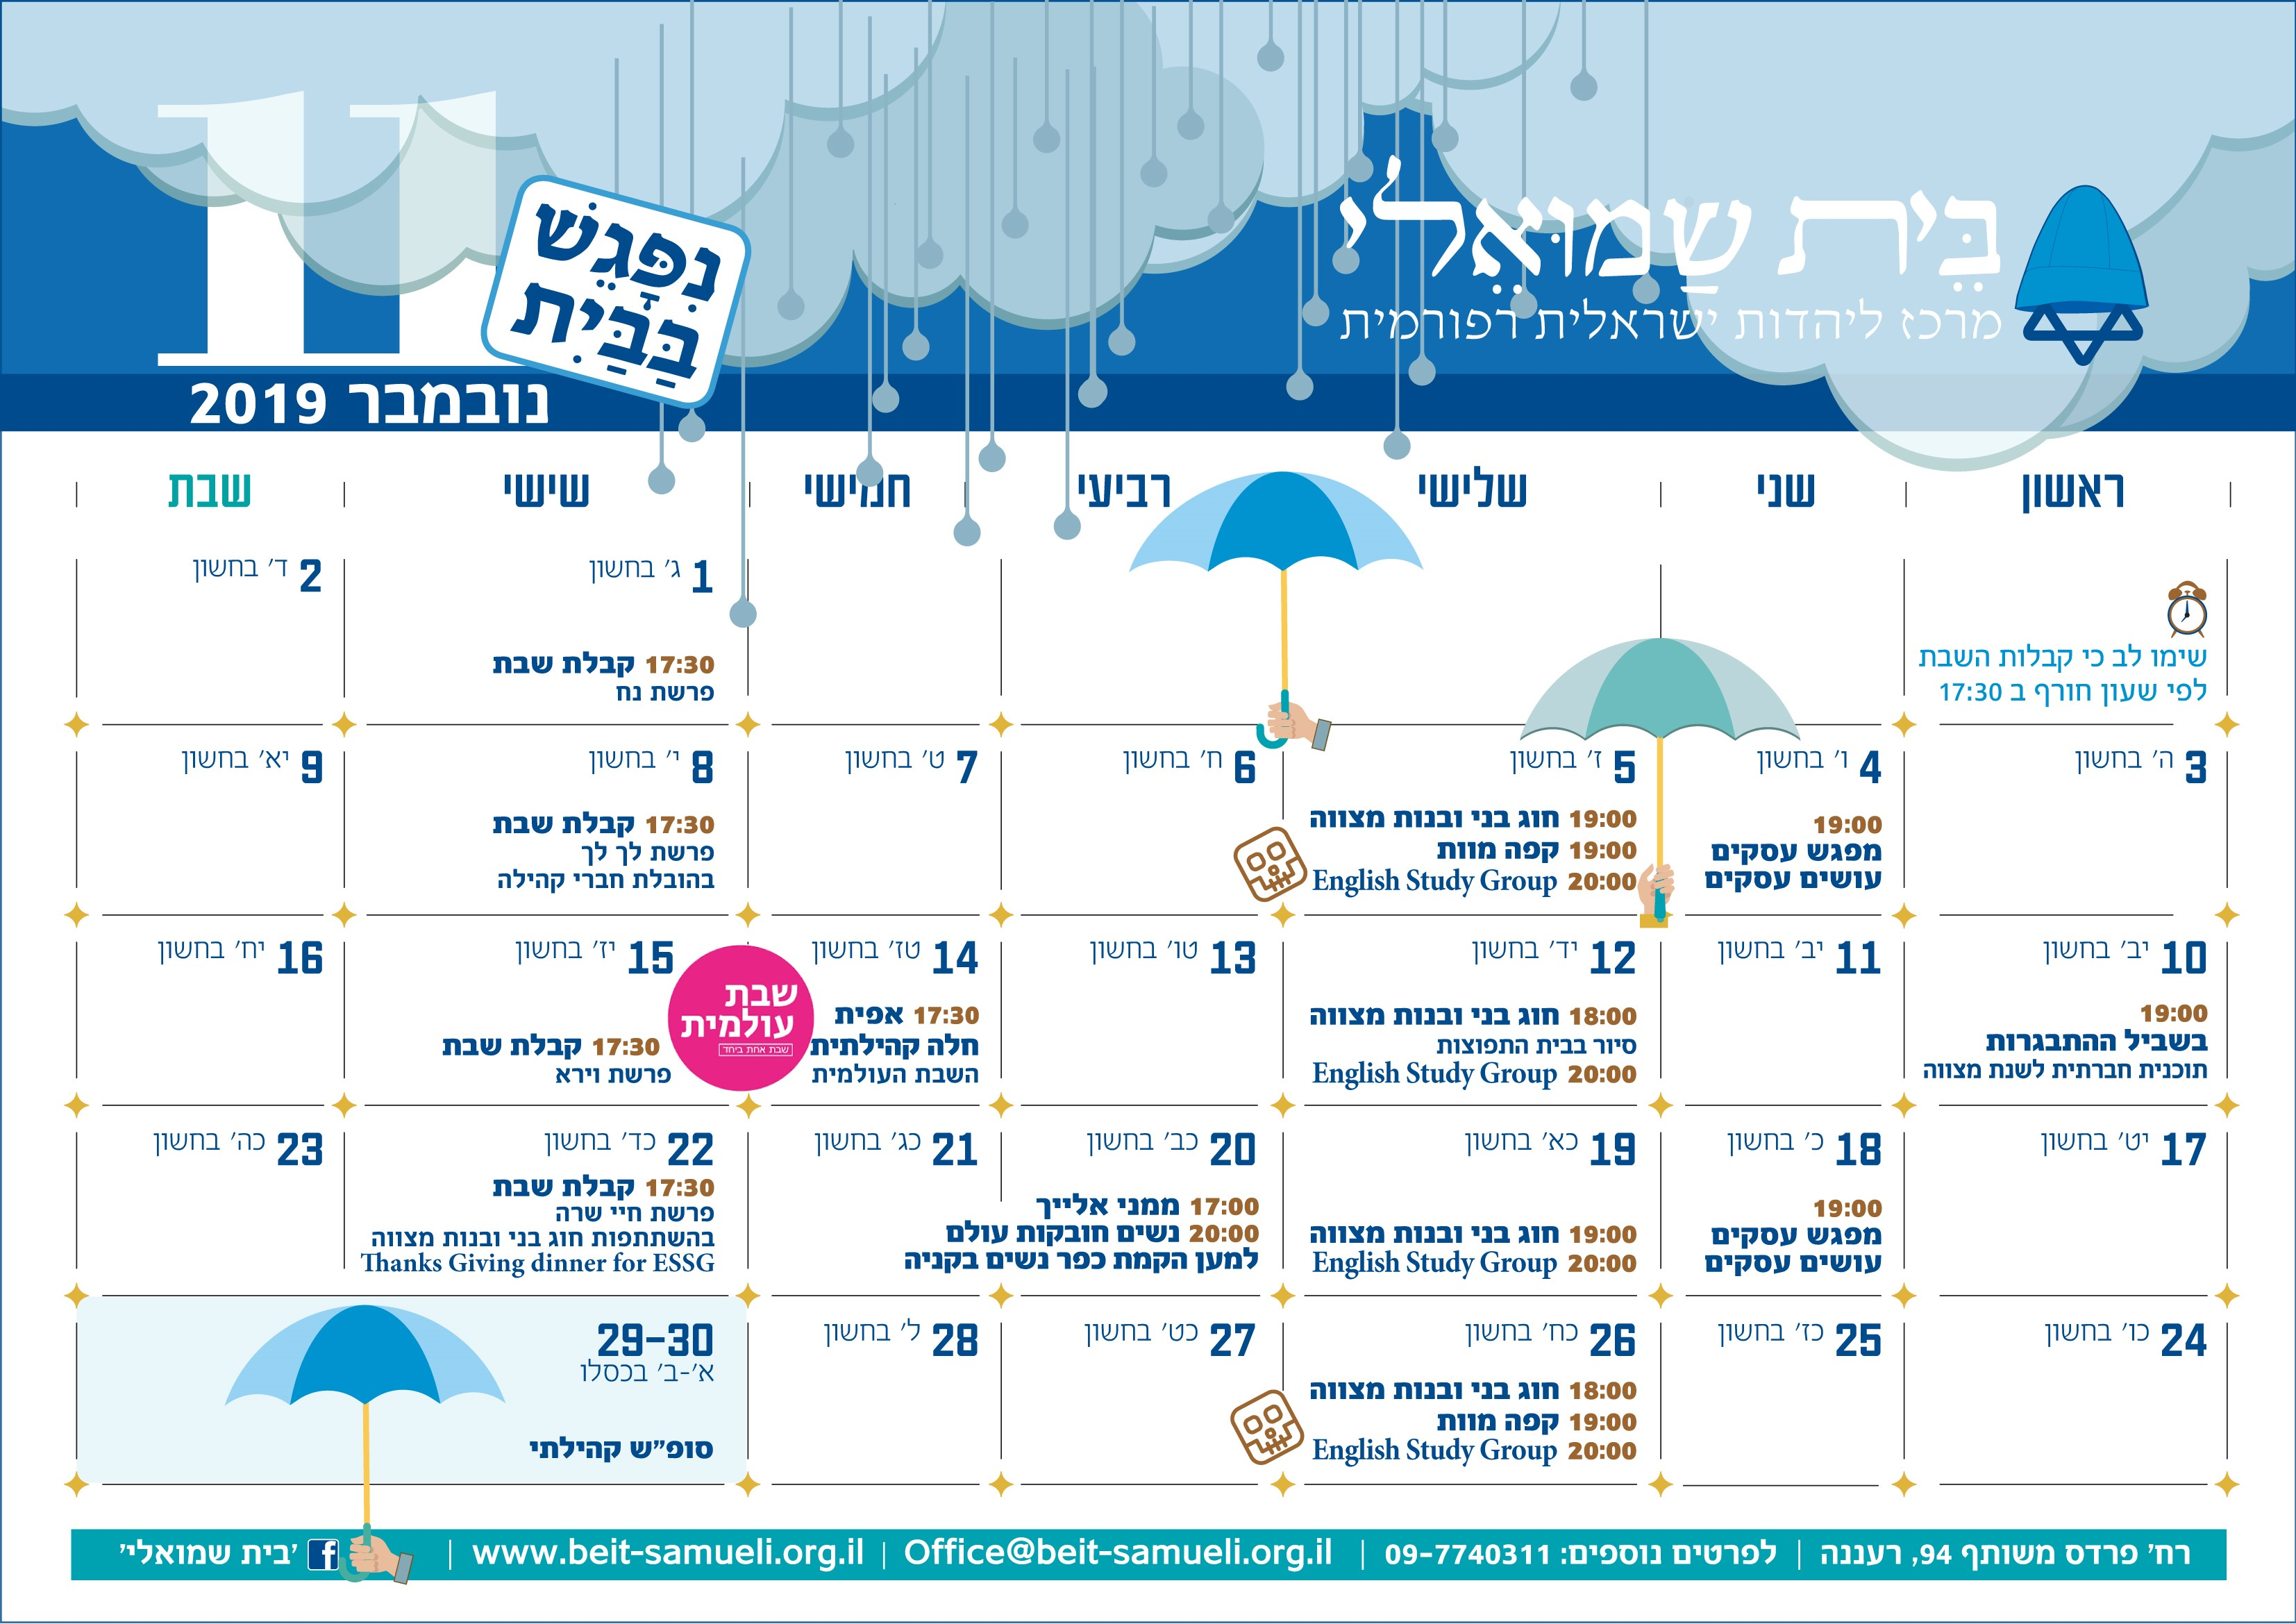 לוח אירועים נובמבר 2019